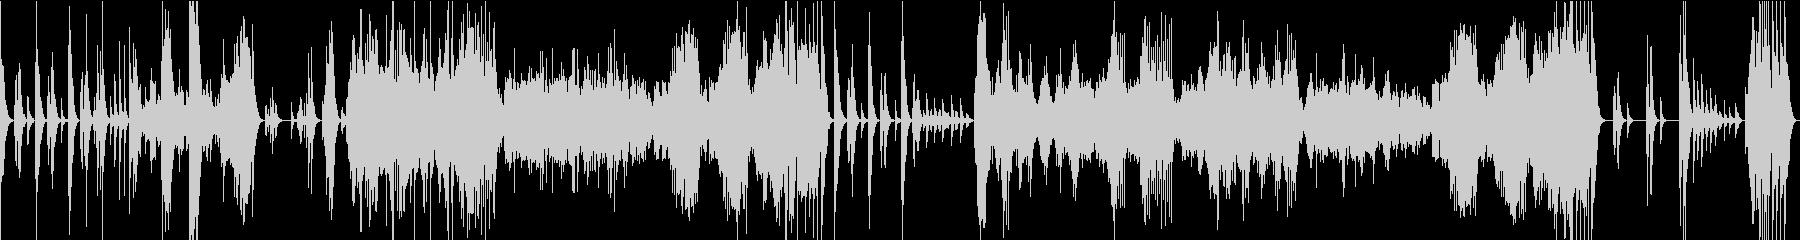 悲愴 第1楽章/ベートーベン・マリンバの未再生の波形